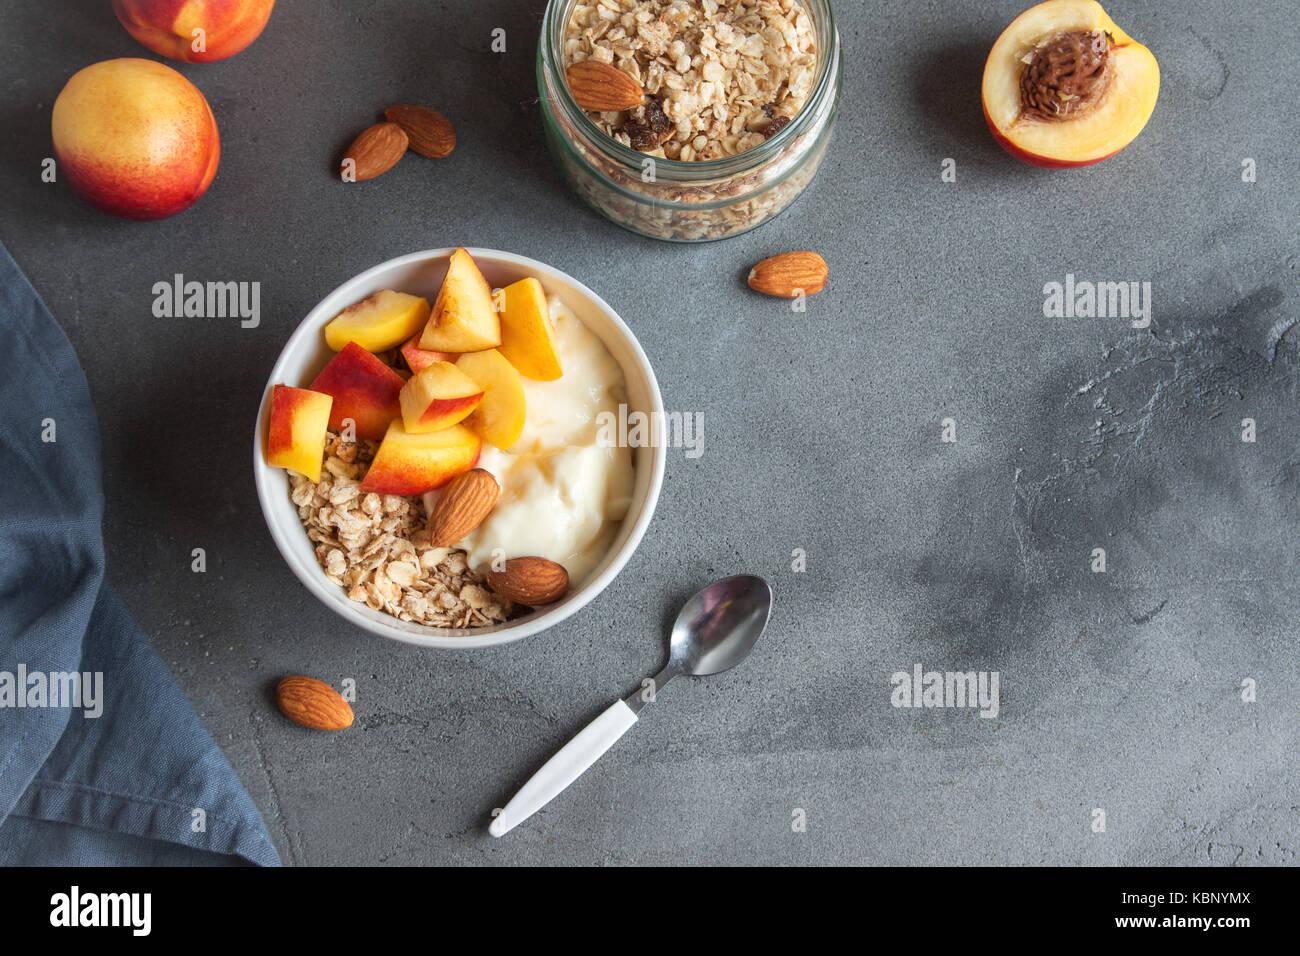 Granola avena casera con yogur y duraznos en un tazón de desayuno saludable. cereales y fruta, tazón de Imagen De Stock